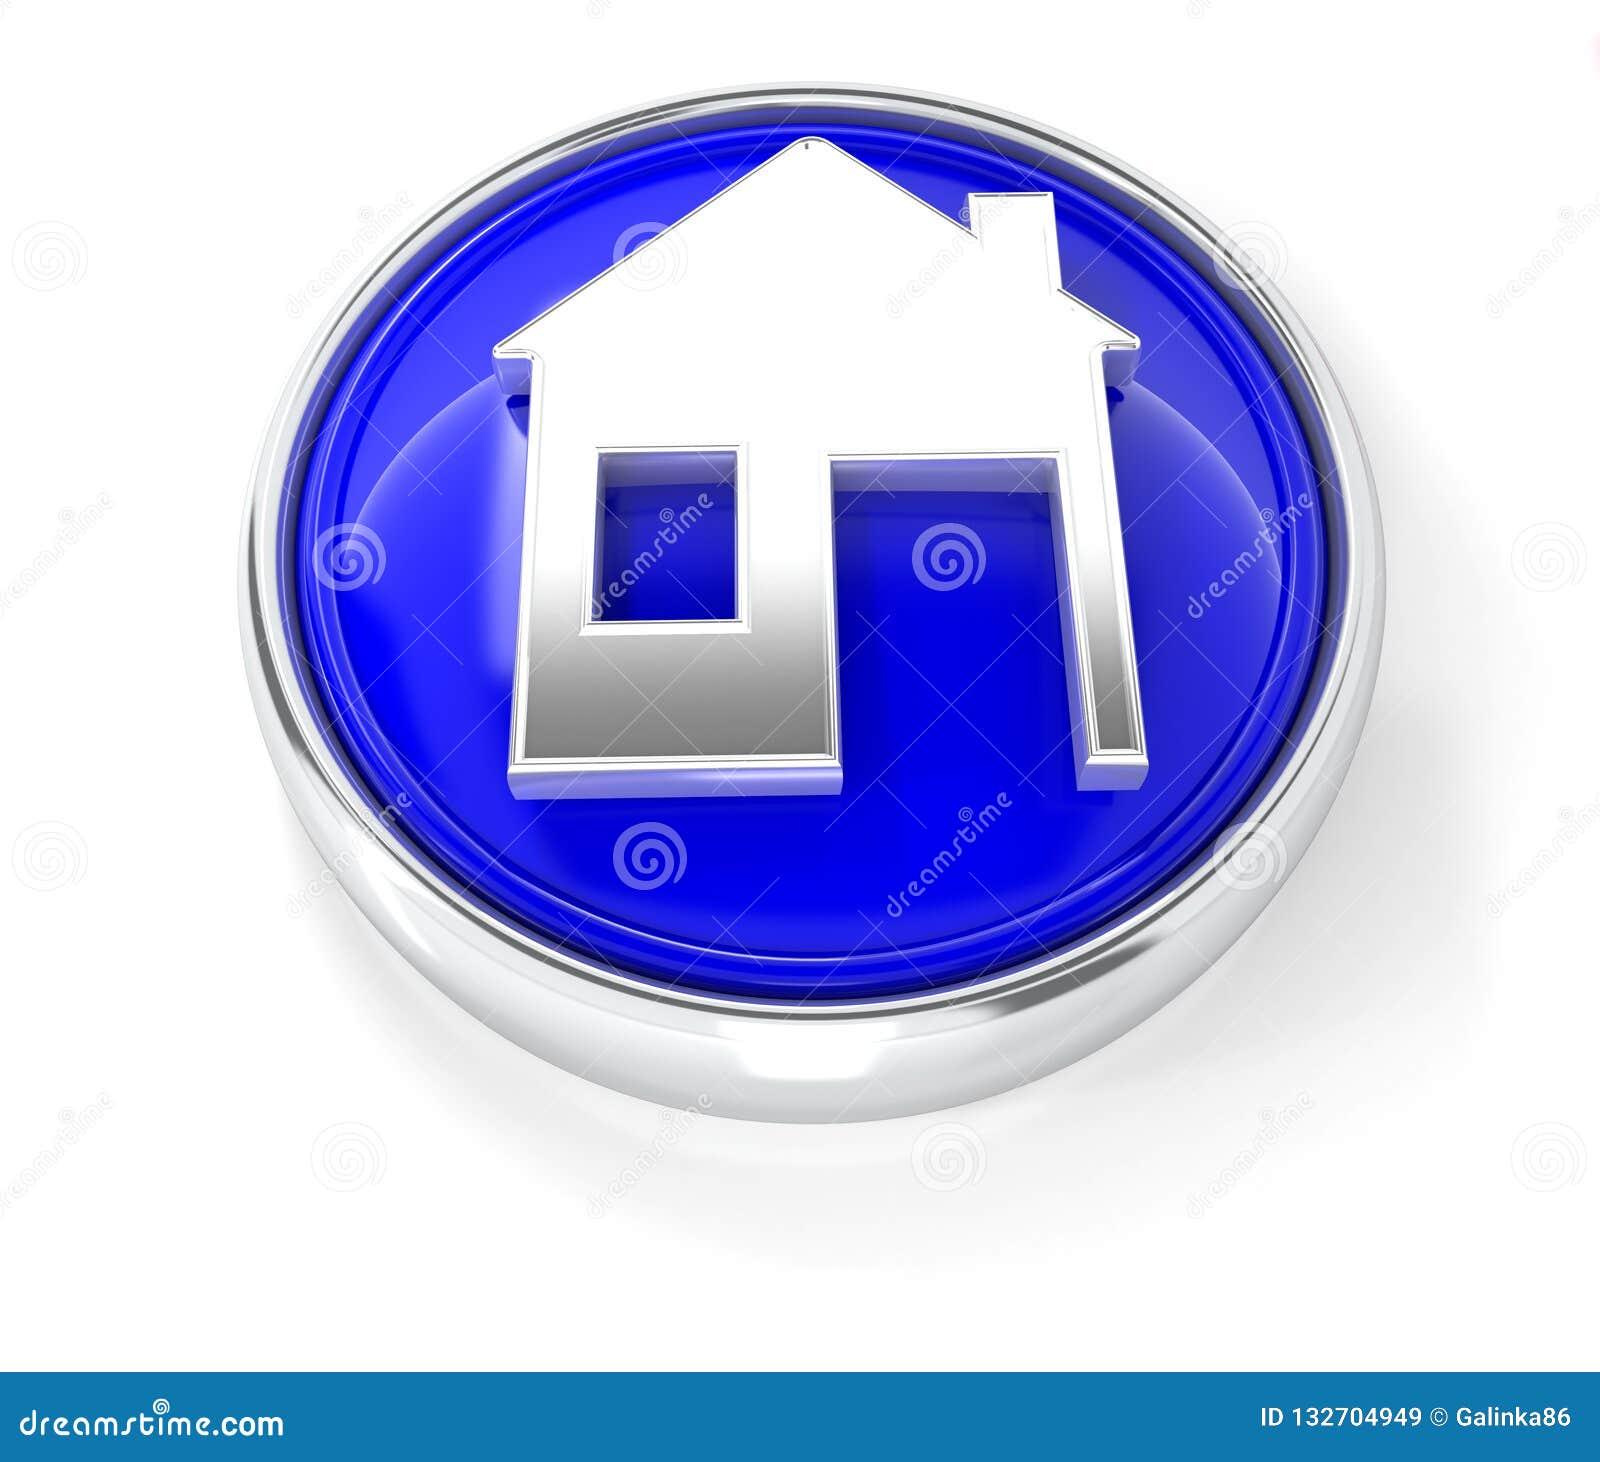 Ícone da casa no botão redondo azul lustroso